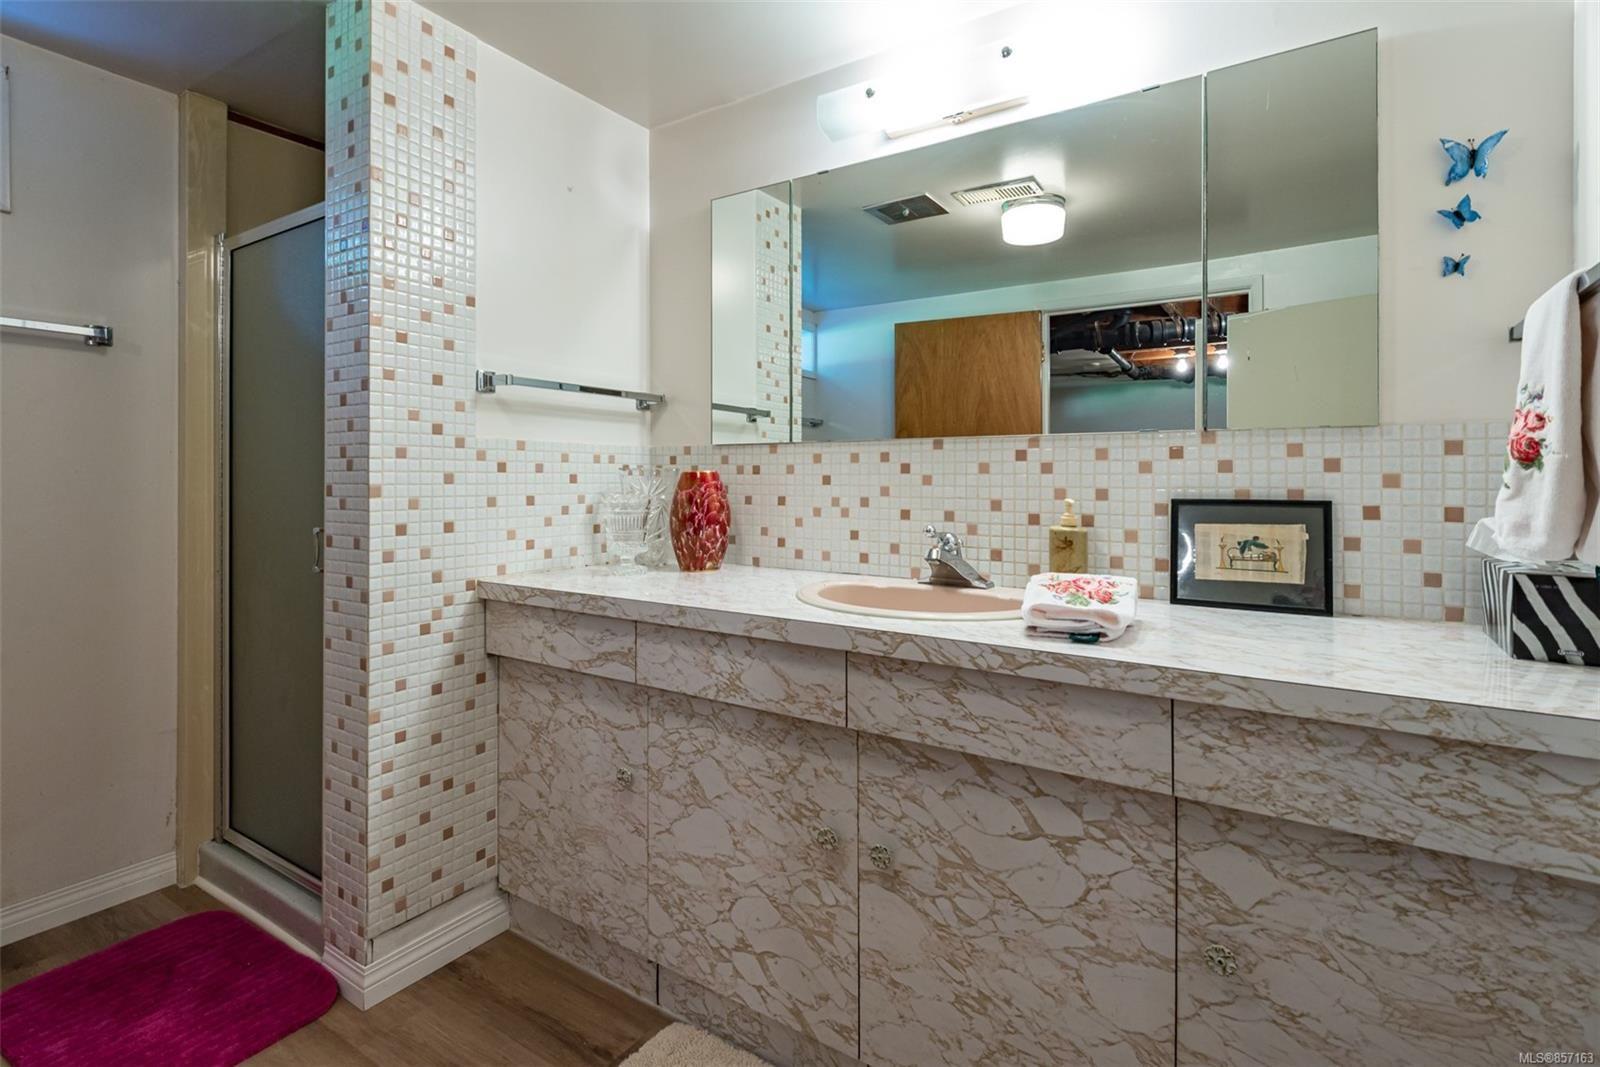 Photo 47: Photos: 4241 Buddington Rd in : CV Courtenay South House for sale (Comox Valley)  : MLS®# 857163